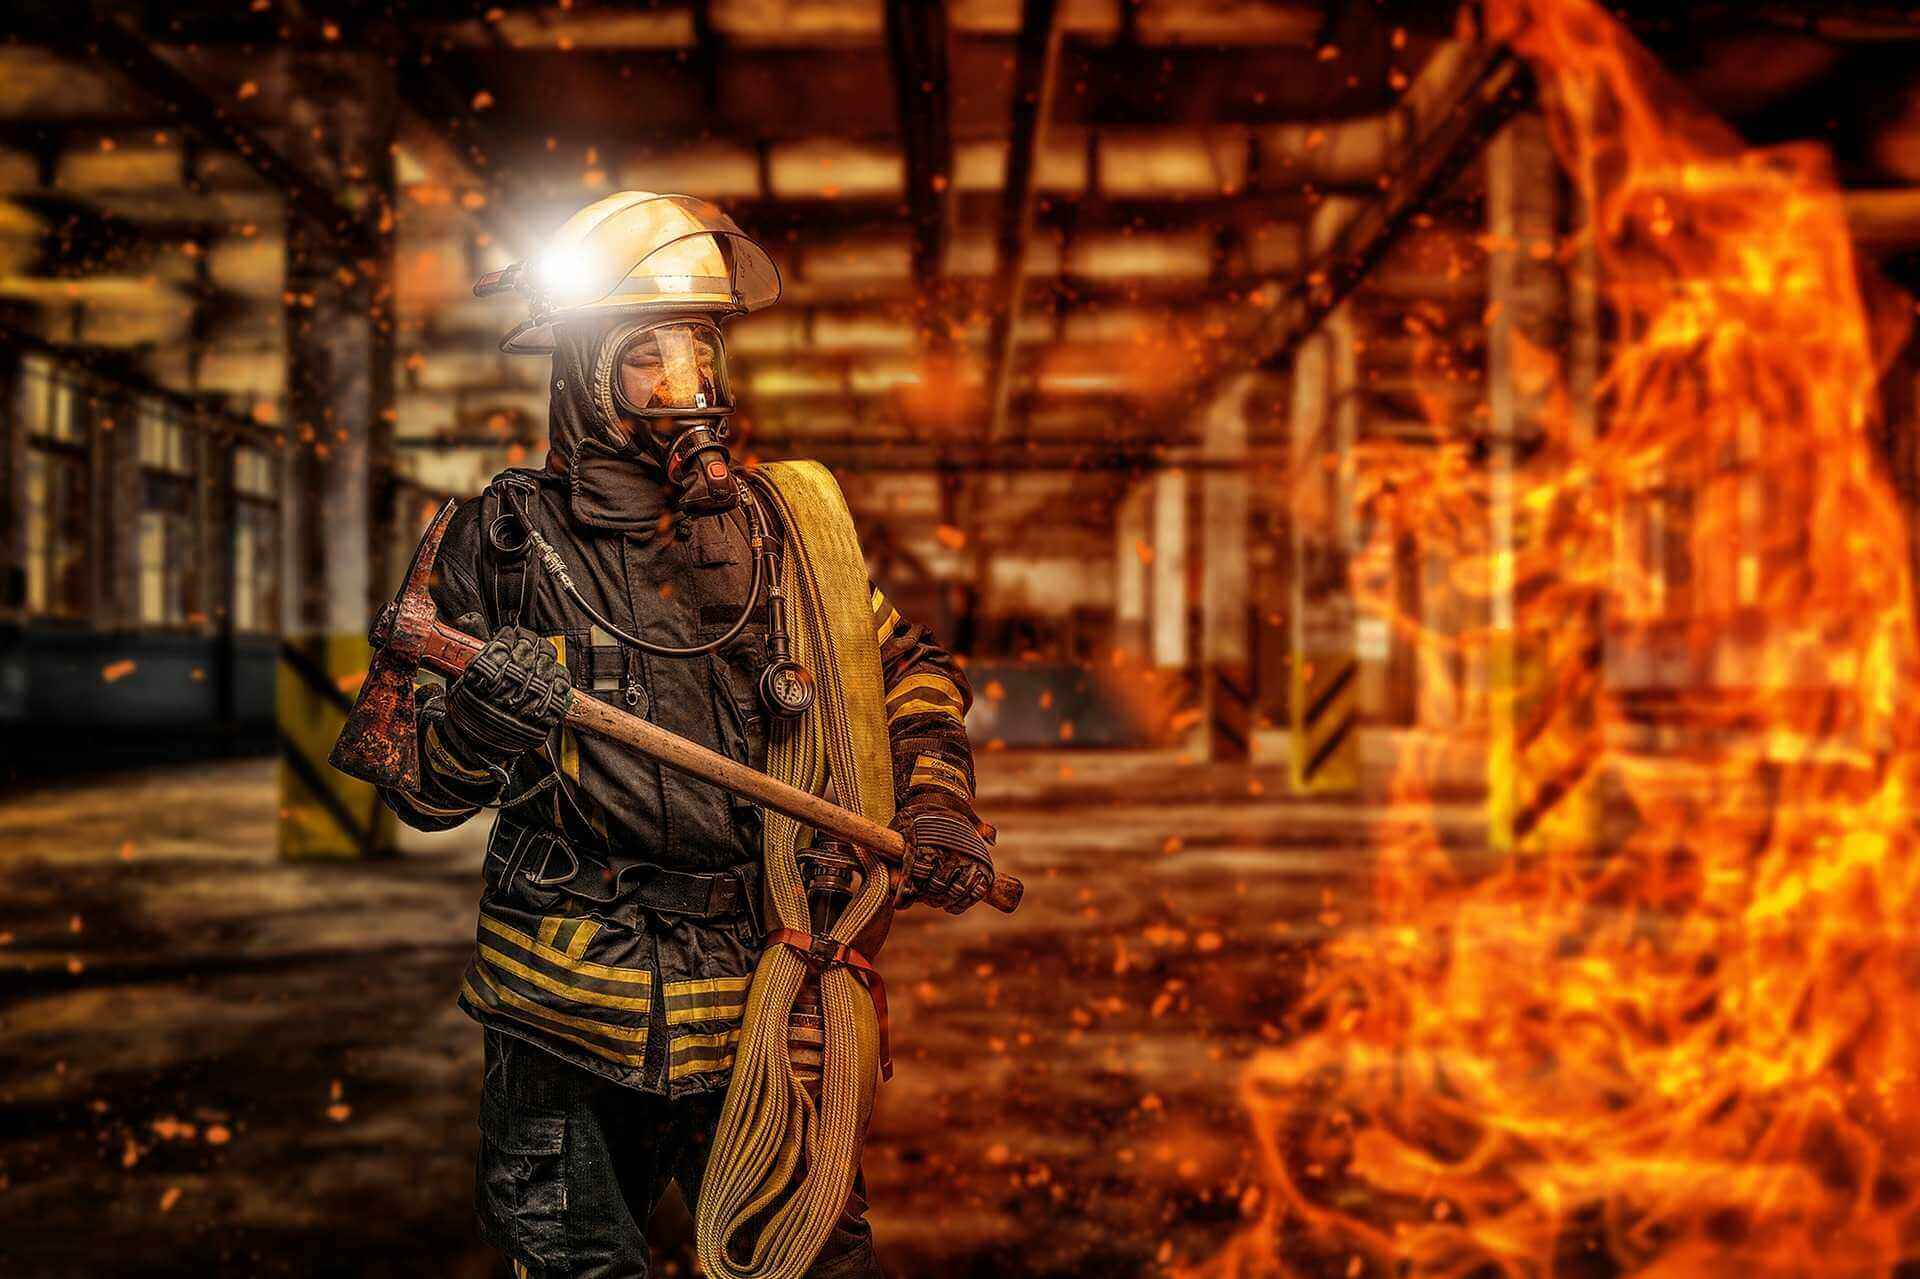 Feuerwehrmann unter Atemschutz